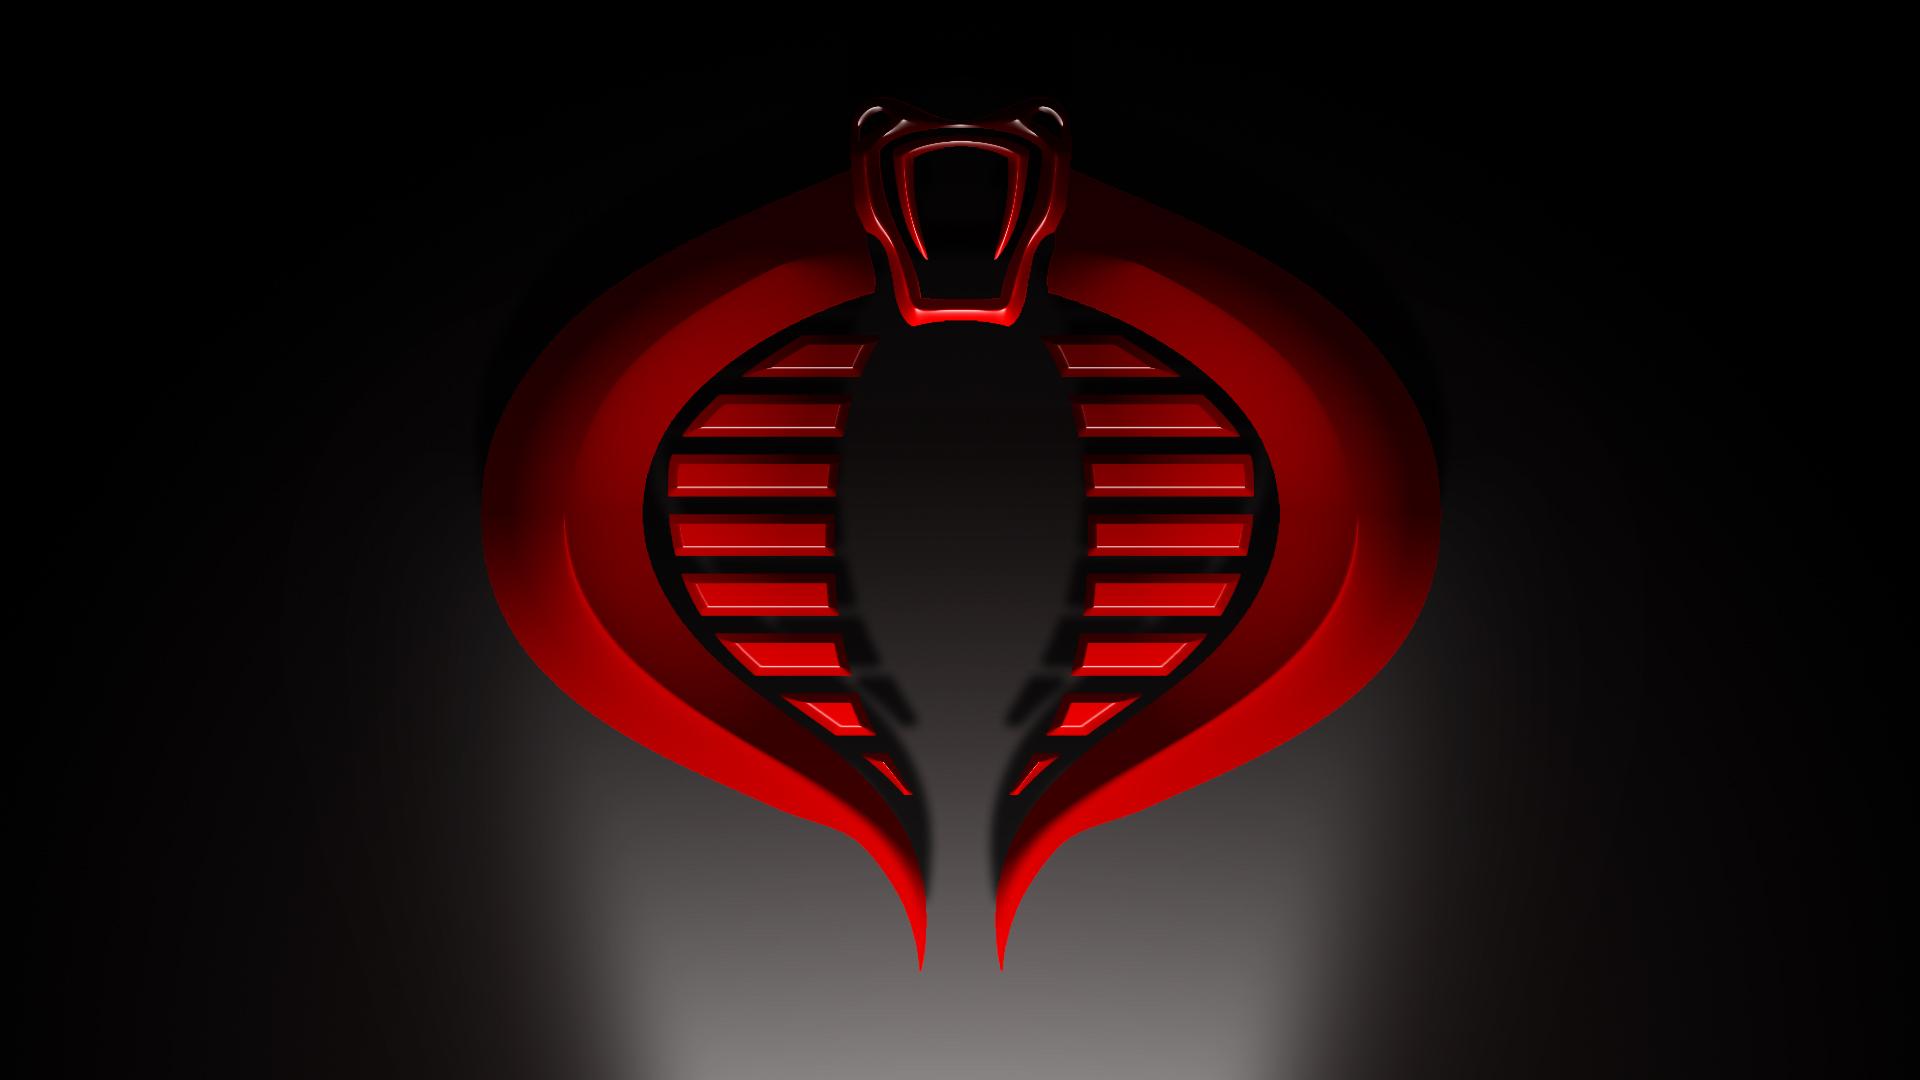 gi joe wallpaper logo - photo #18